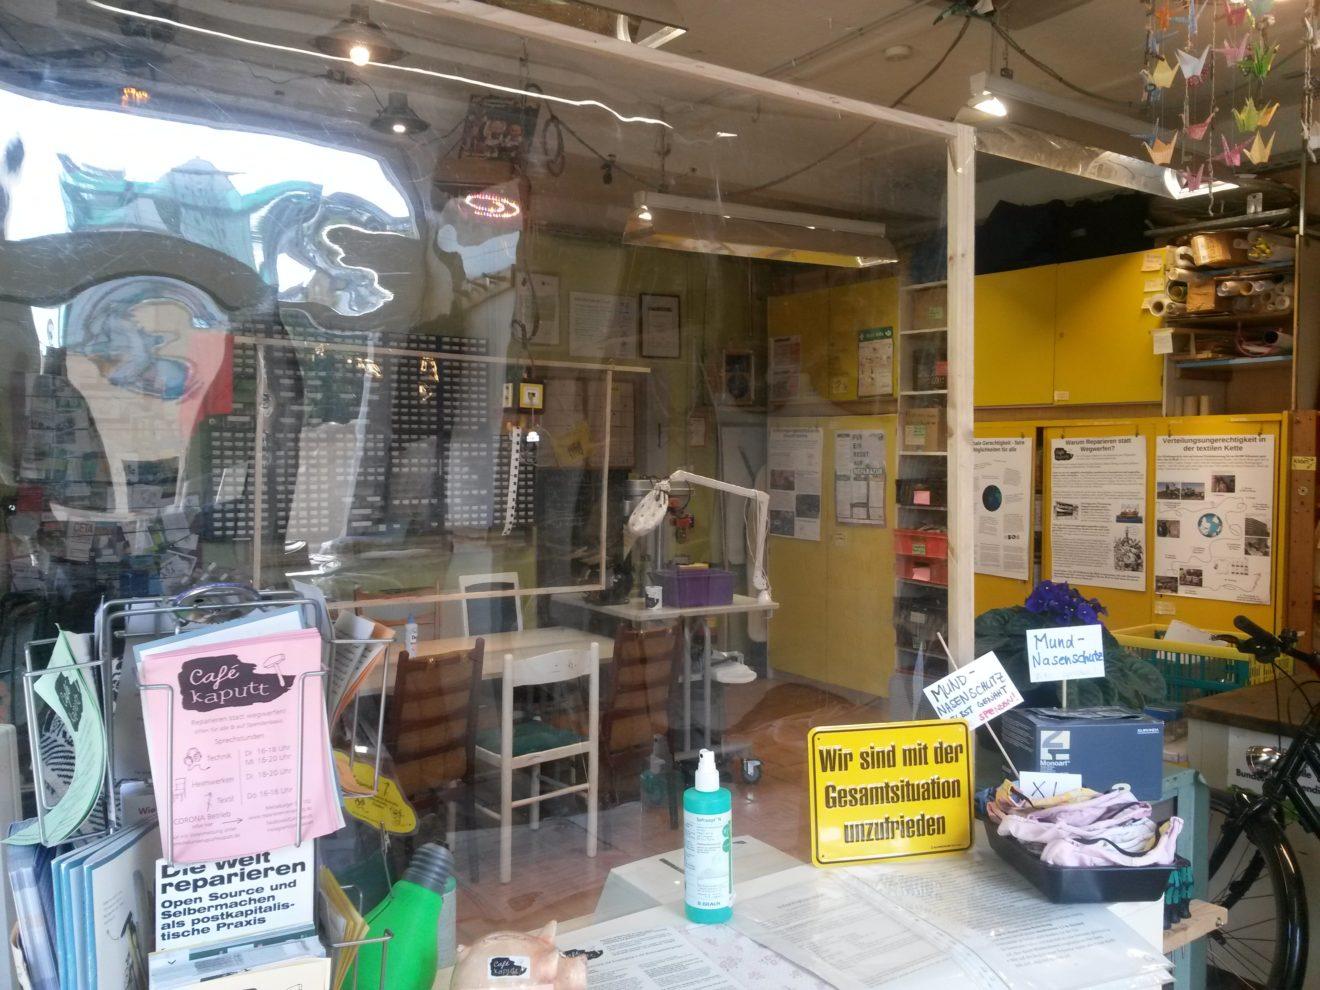 """Bild: Café kaputt Raumansicht mit Trennwänden und Schild """"Wir sind mit der Gesamtsituation unzufrieden"""""""